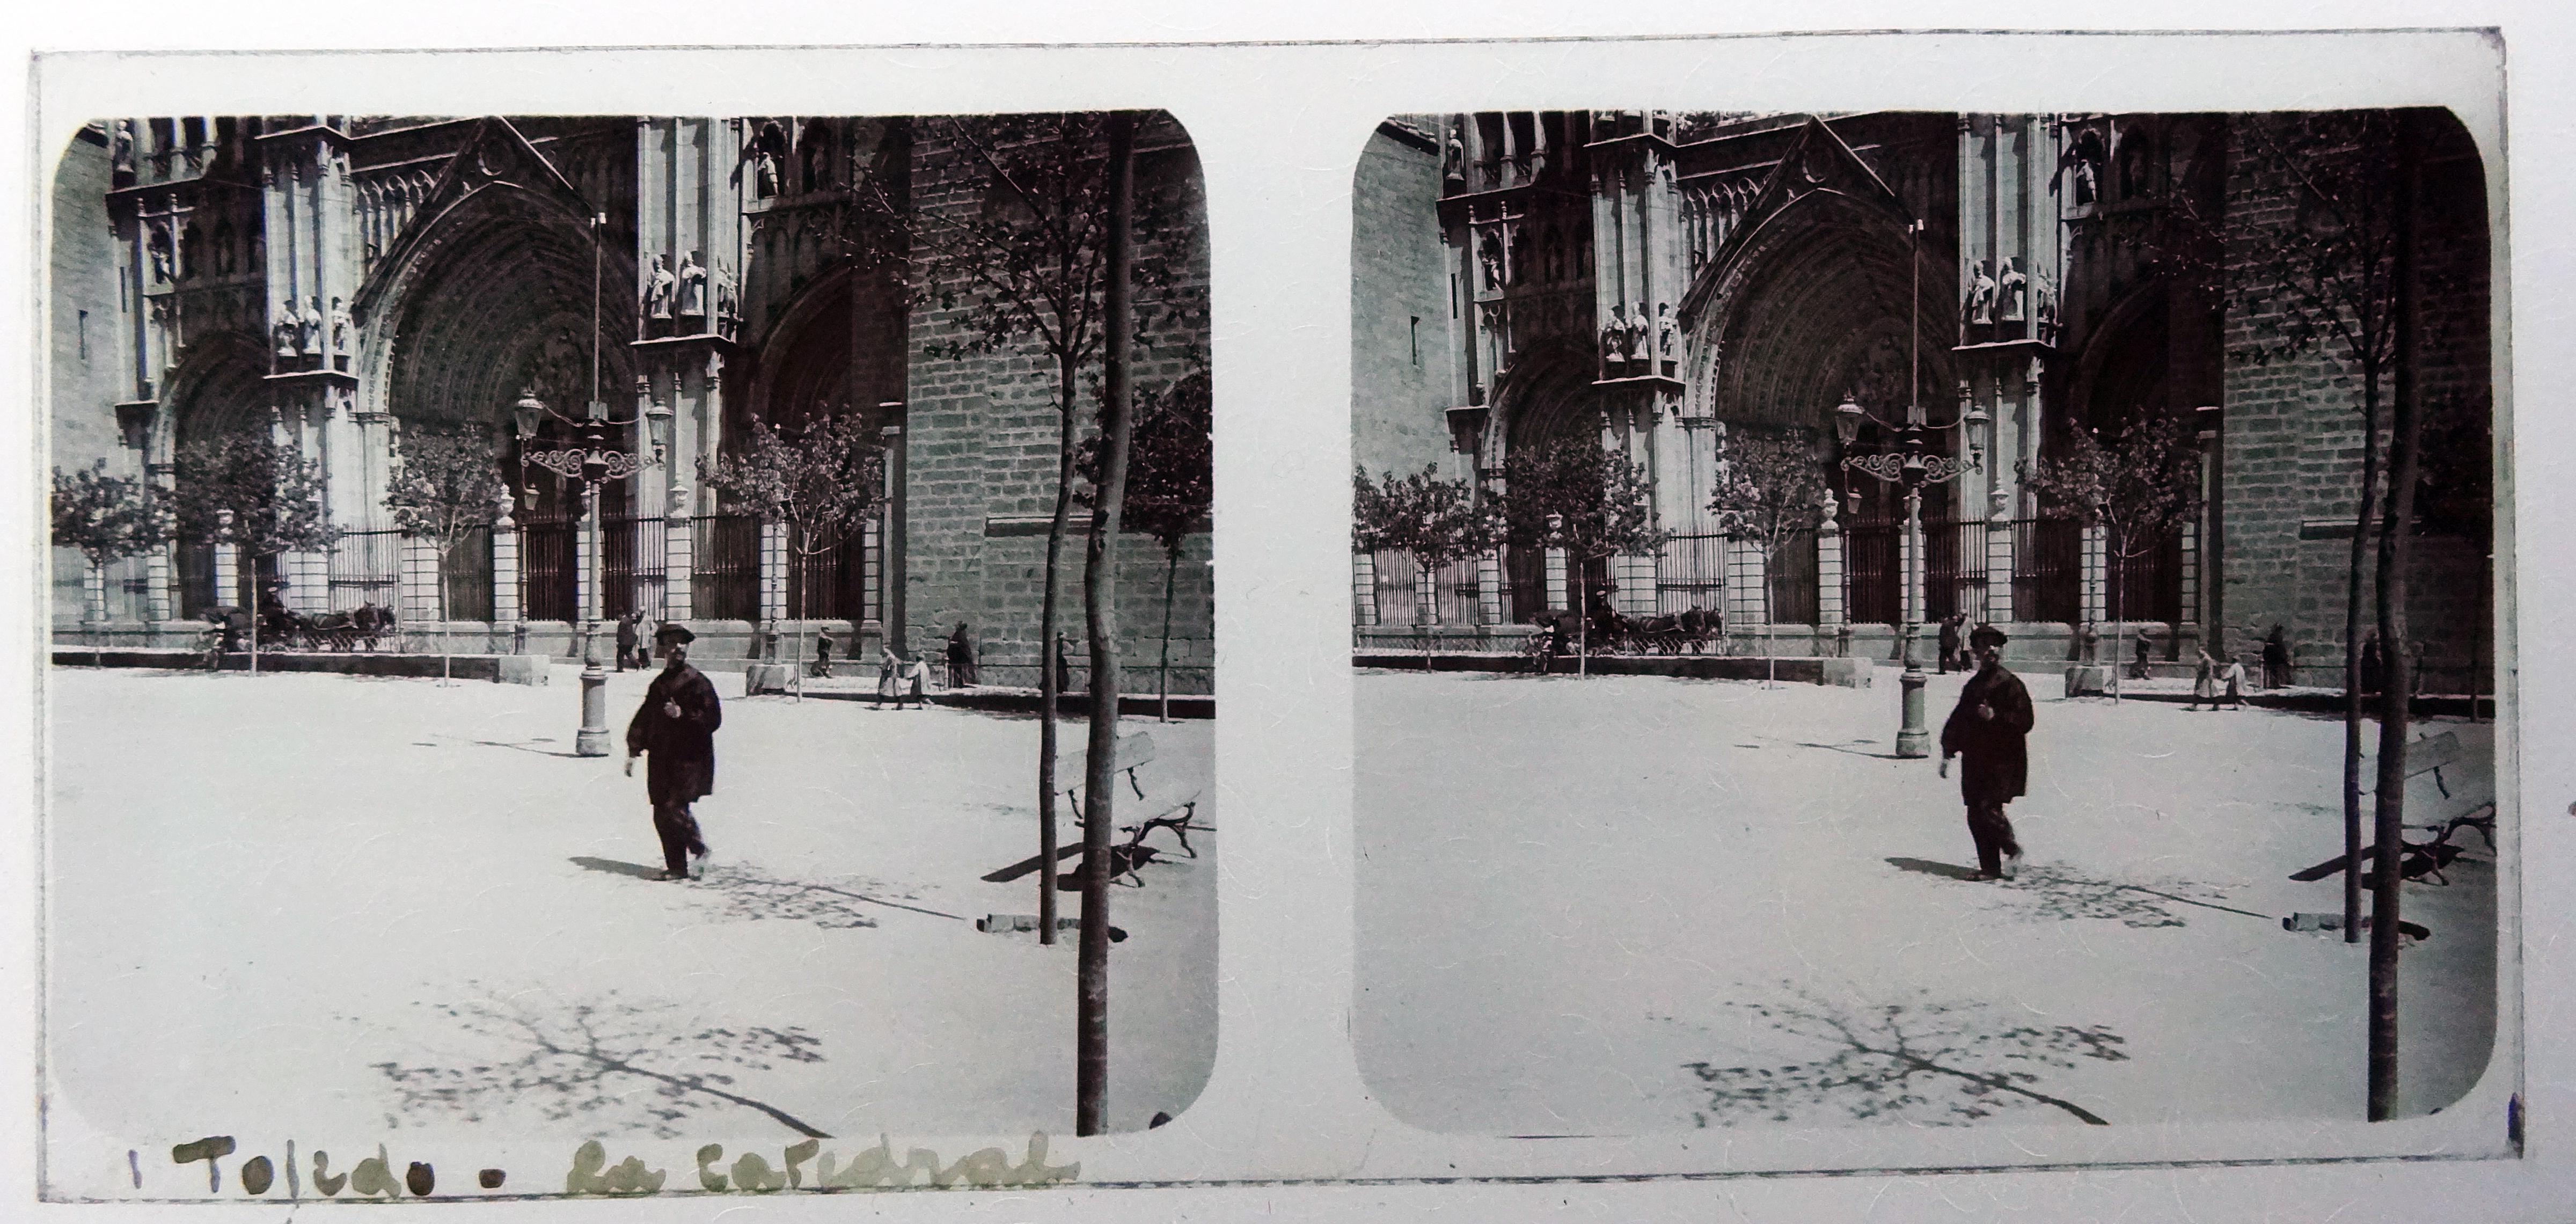 Plaza del Ayuntamiento. Fotografía de Francisco Rodríguez Avial hacia 1910 © Herederos de Francisco Rodríguez Avial